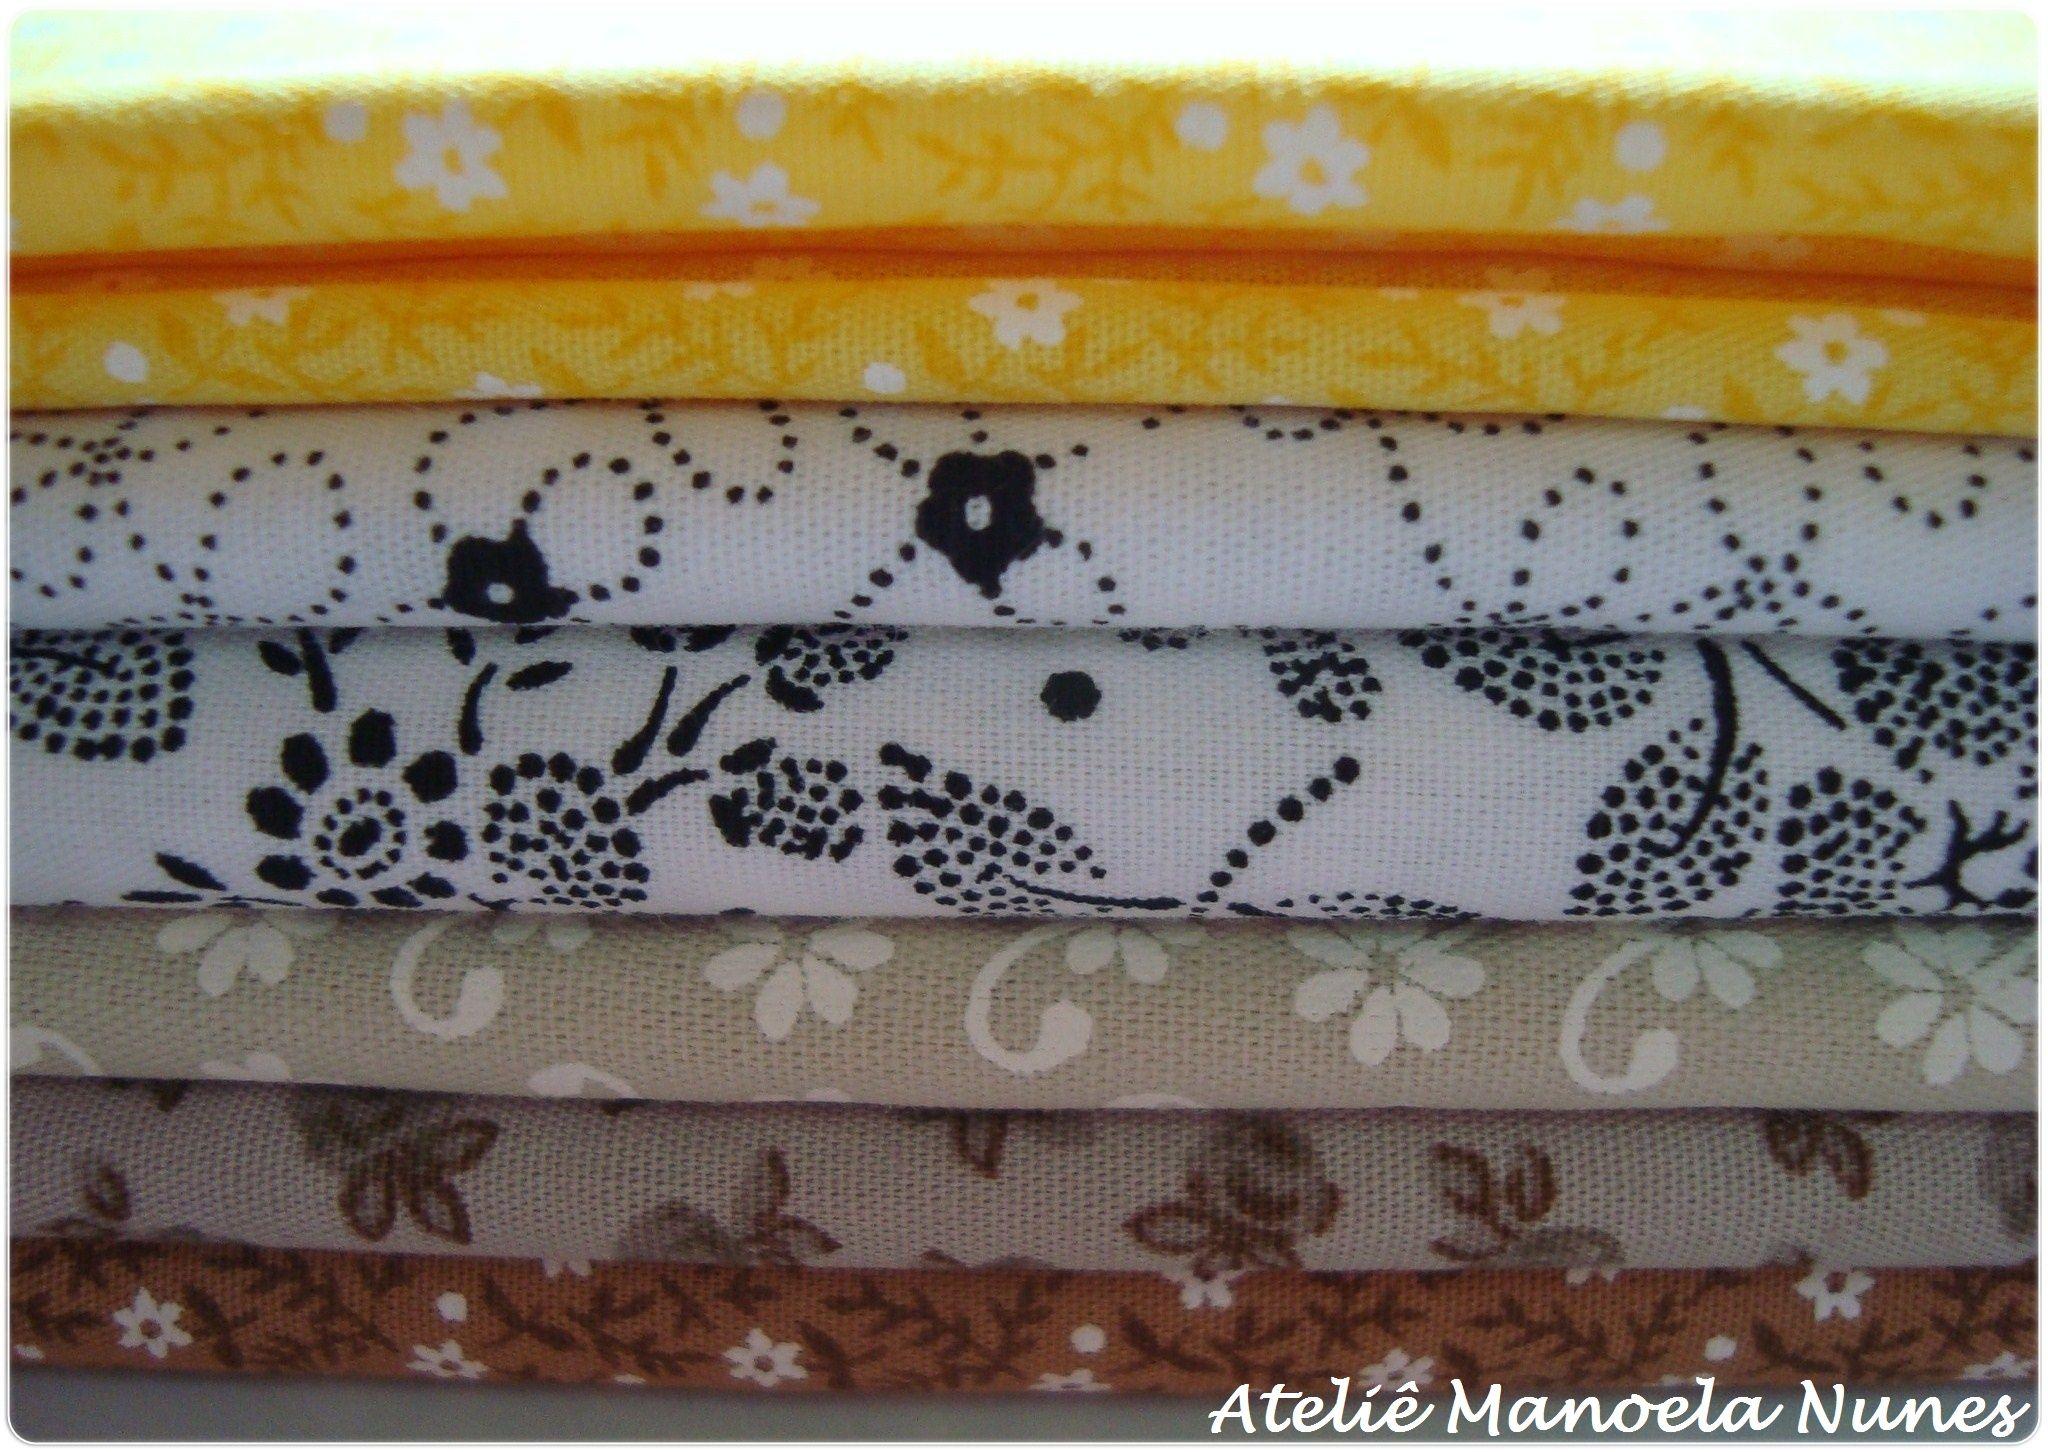 Materiais que utilizo em minhas peças: tecidos estampados com diversos motivos.